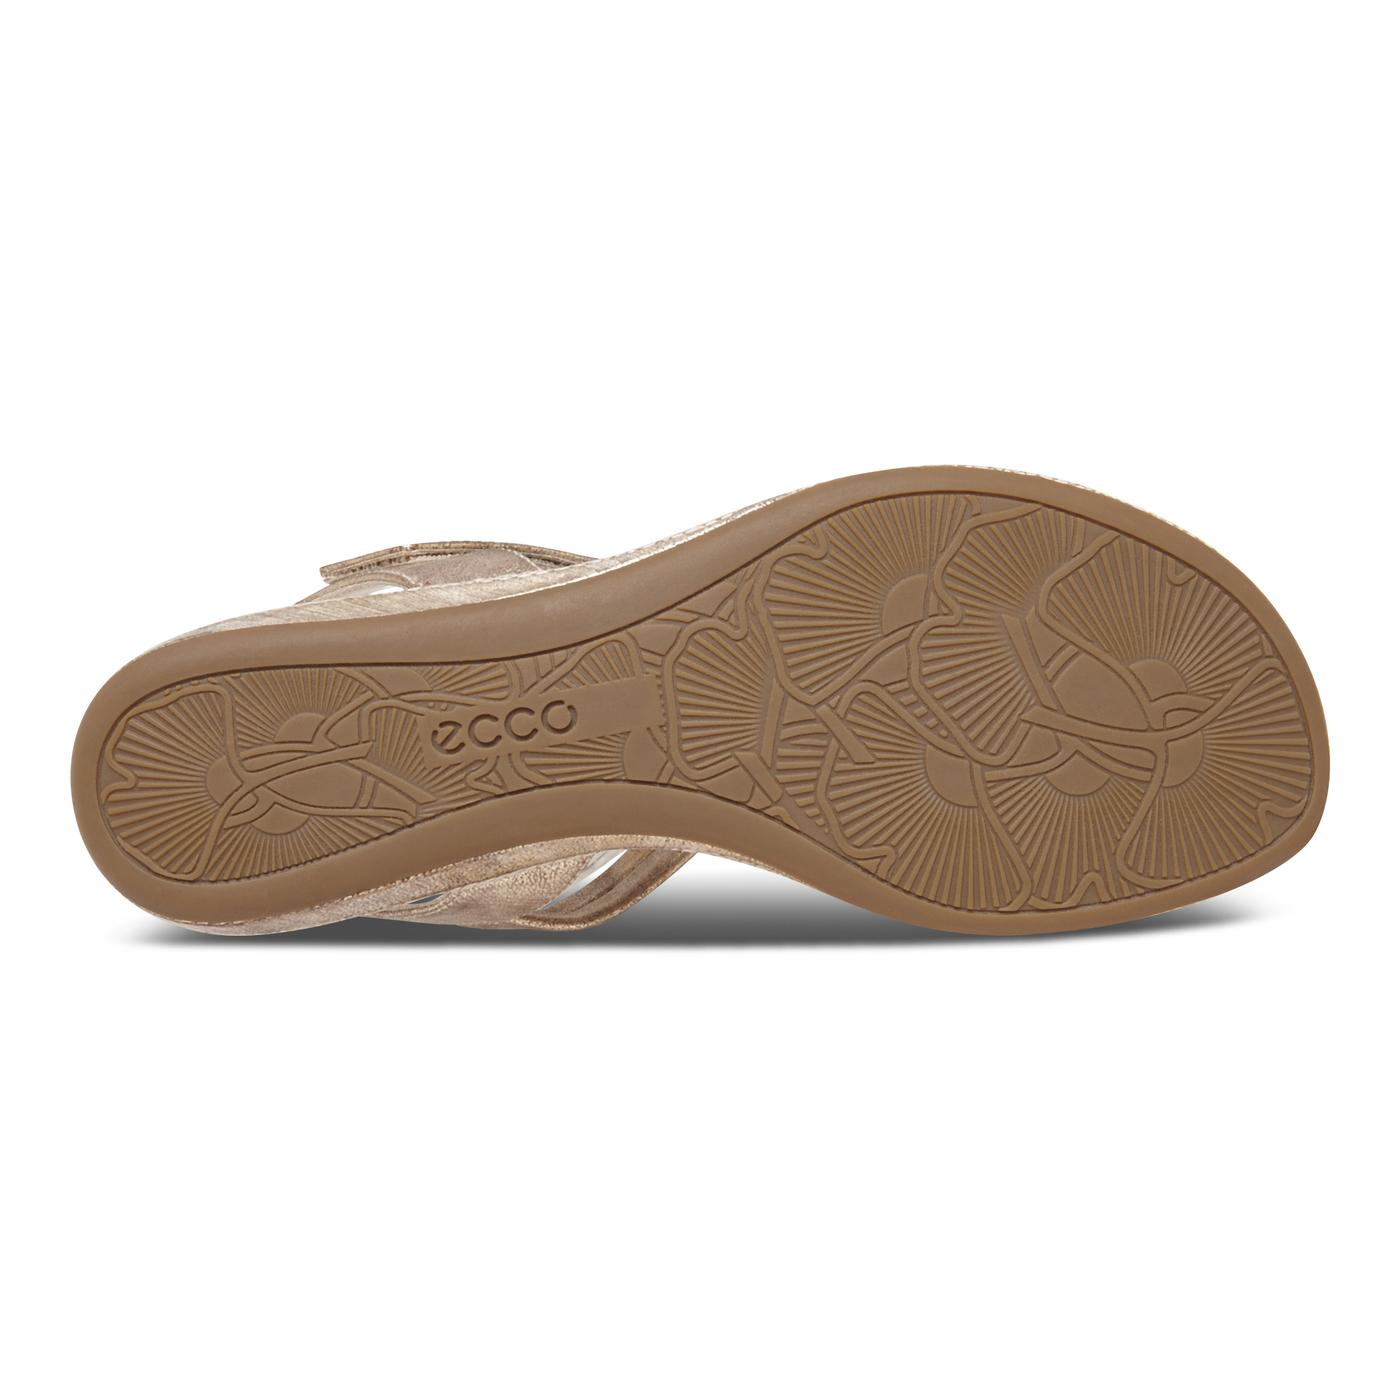 0b3c97624ebe ECCO Bouillon Sandal 3.0